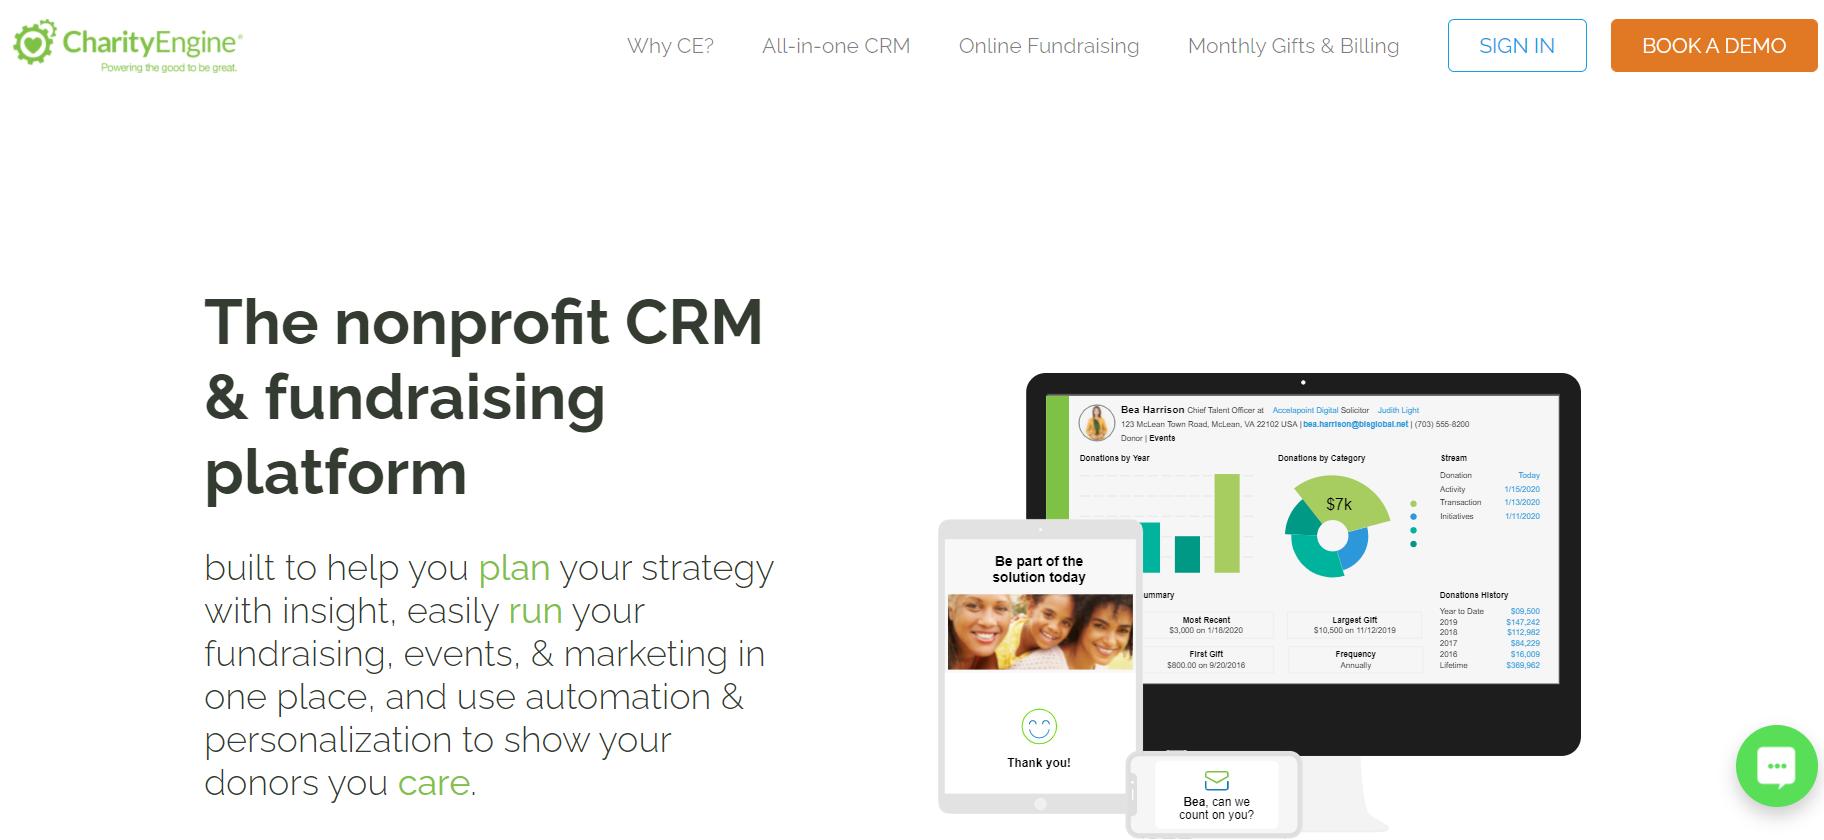 CharityEngine Advocacy Software homepage screenshot